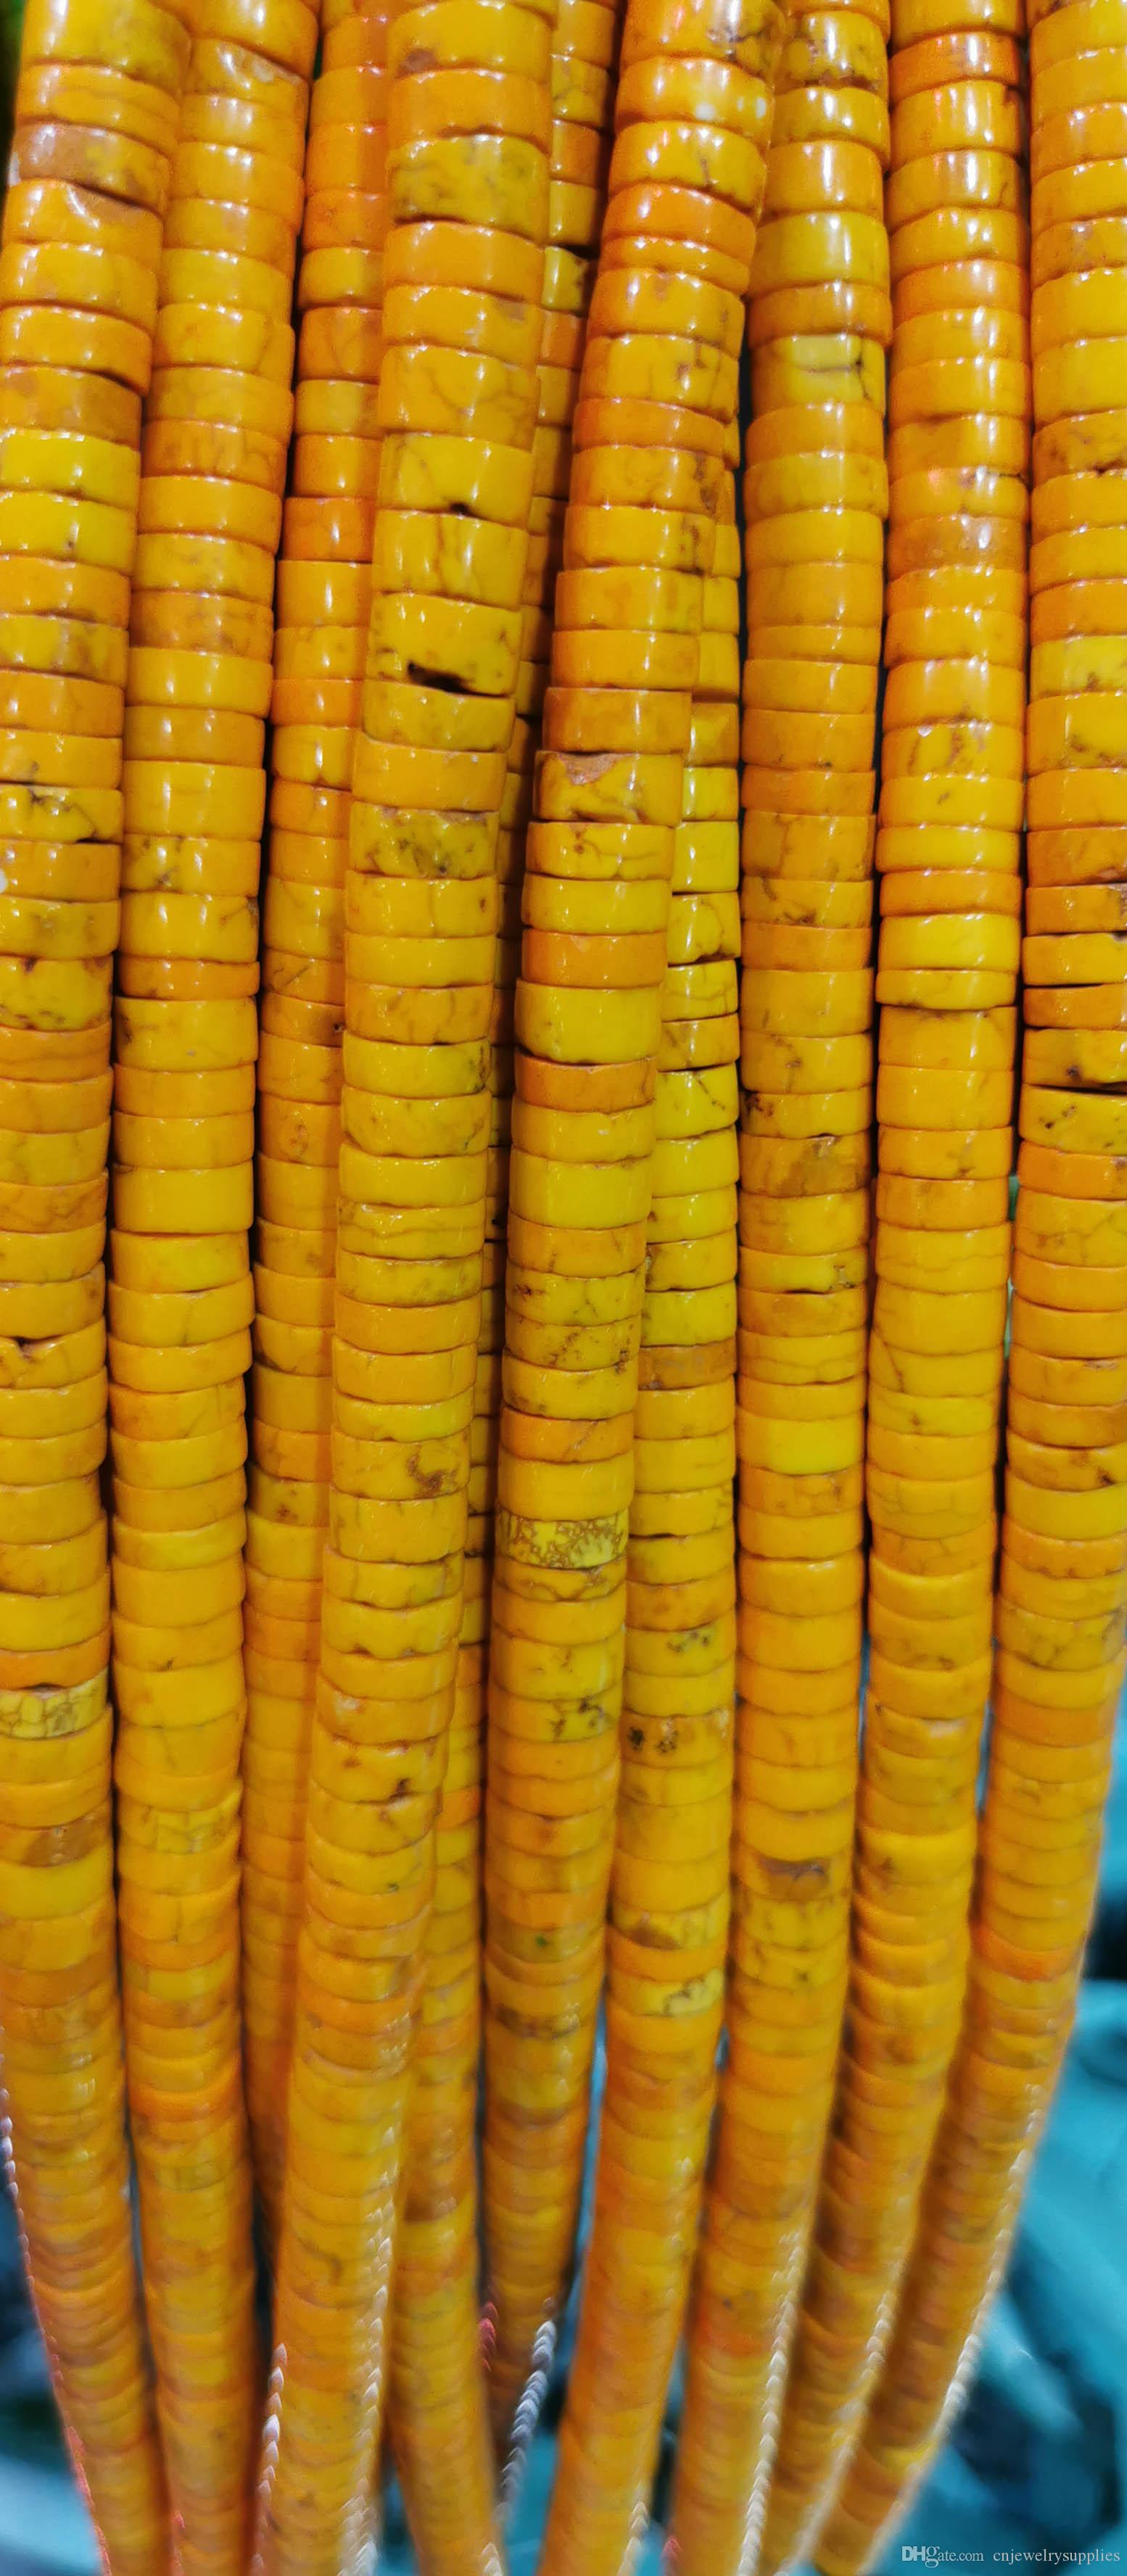 Золотисто-желтый бирюзовый 4мм \ 6мм \ 8мм \ 10мм \ 12мм бирюзовый Gemstone Heishi ломтик Rondelle колеса свободные шарики 16inch